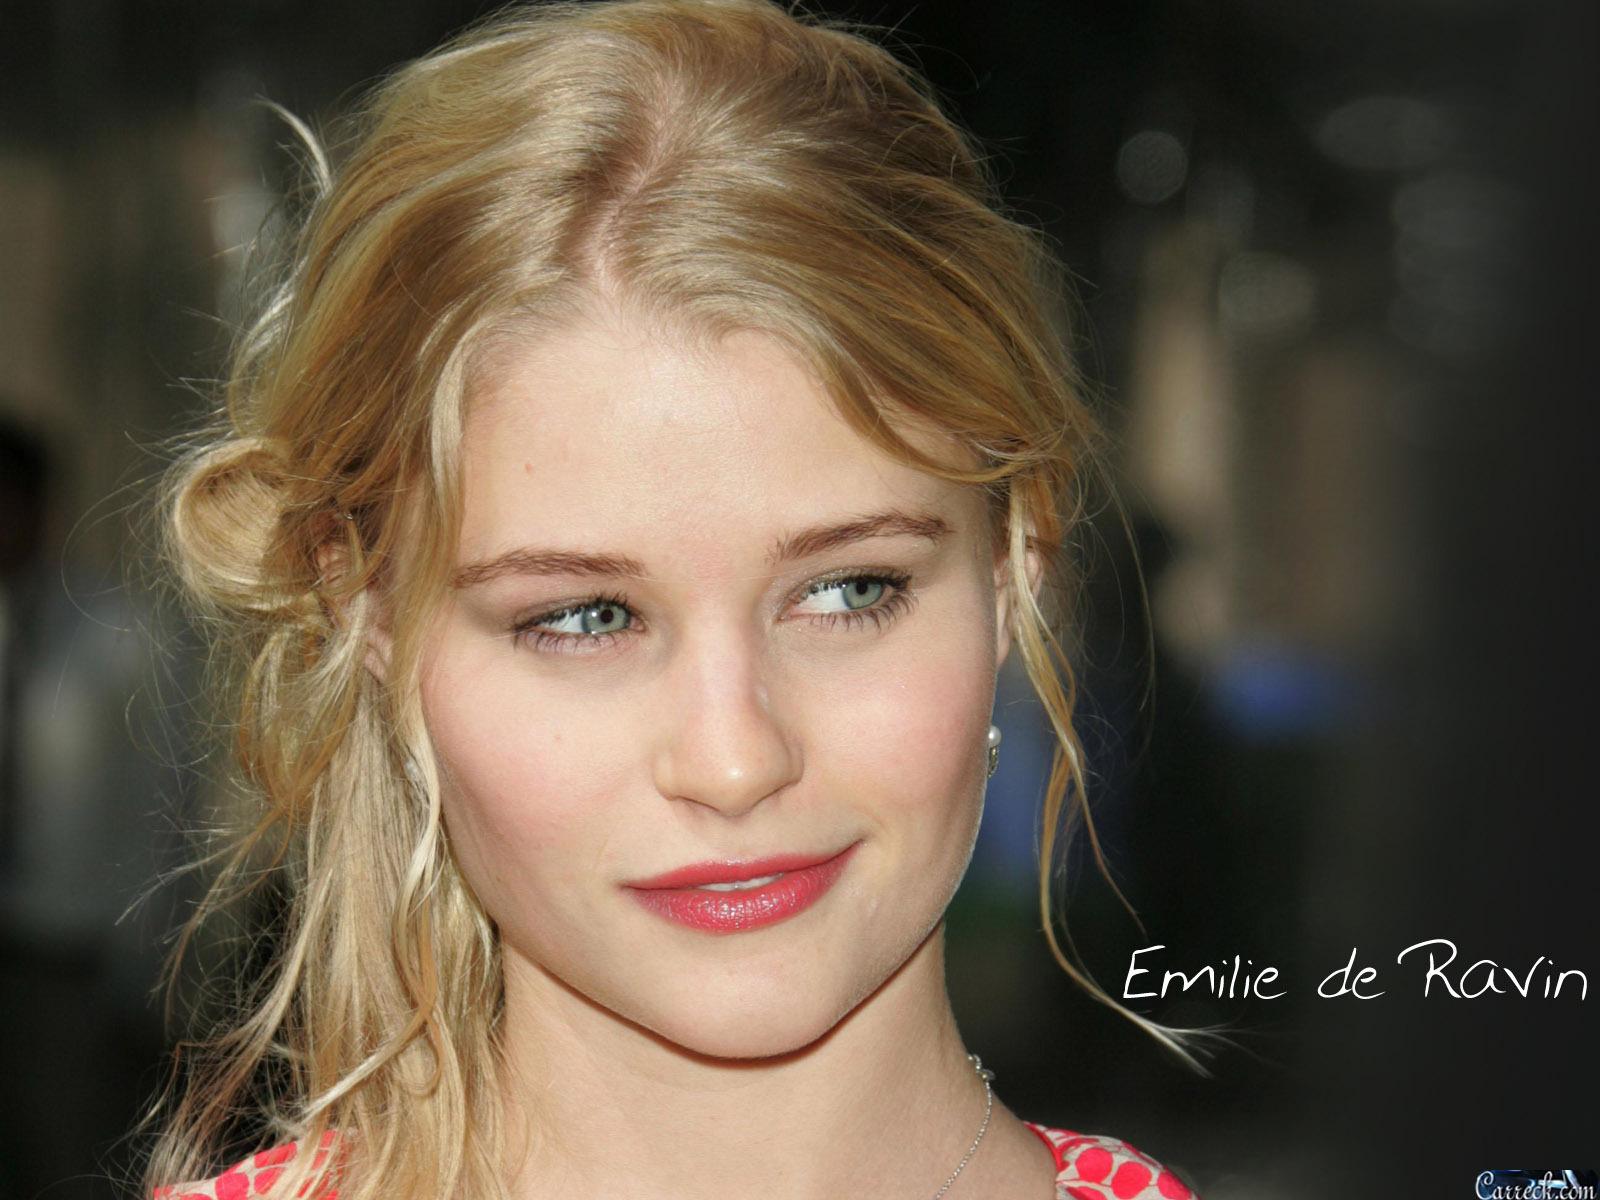 Amazing Emilie De Ravin Pictures & Backgrounds